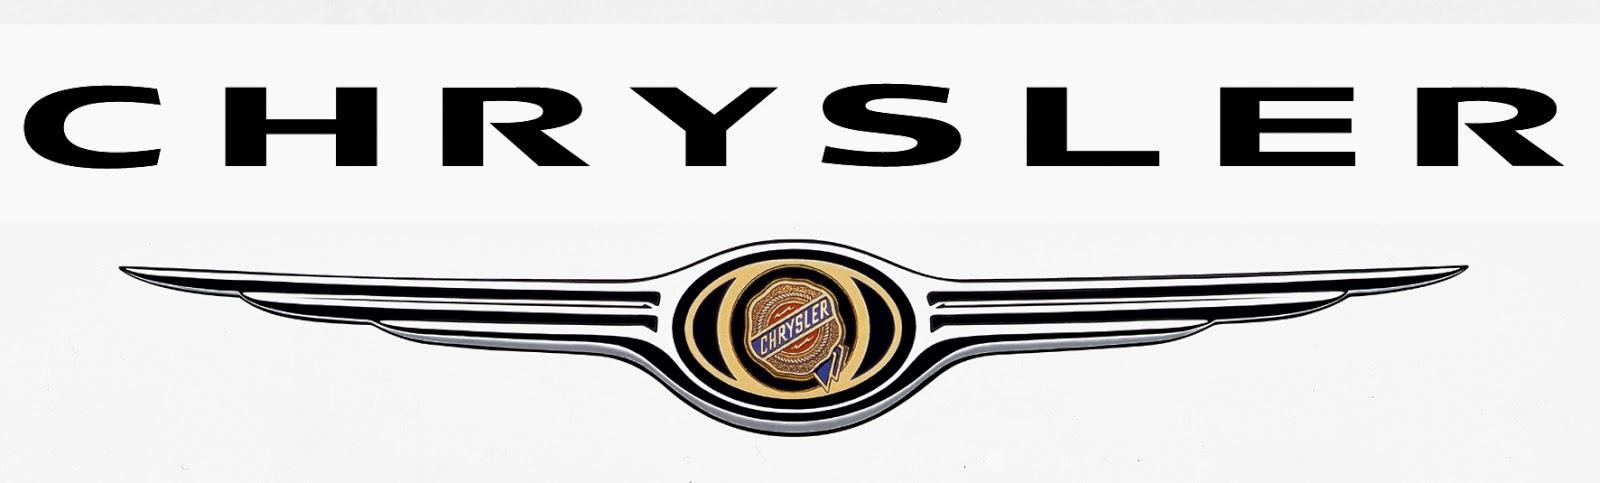 Daftar Harga Mobil Bekas Chrysler Jeep Terbaru